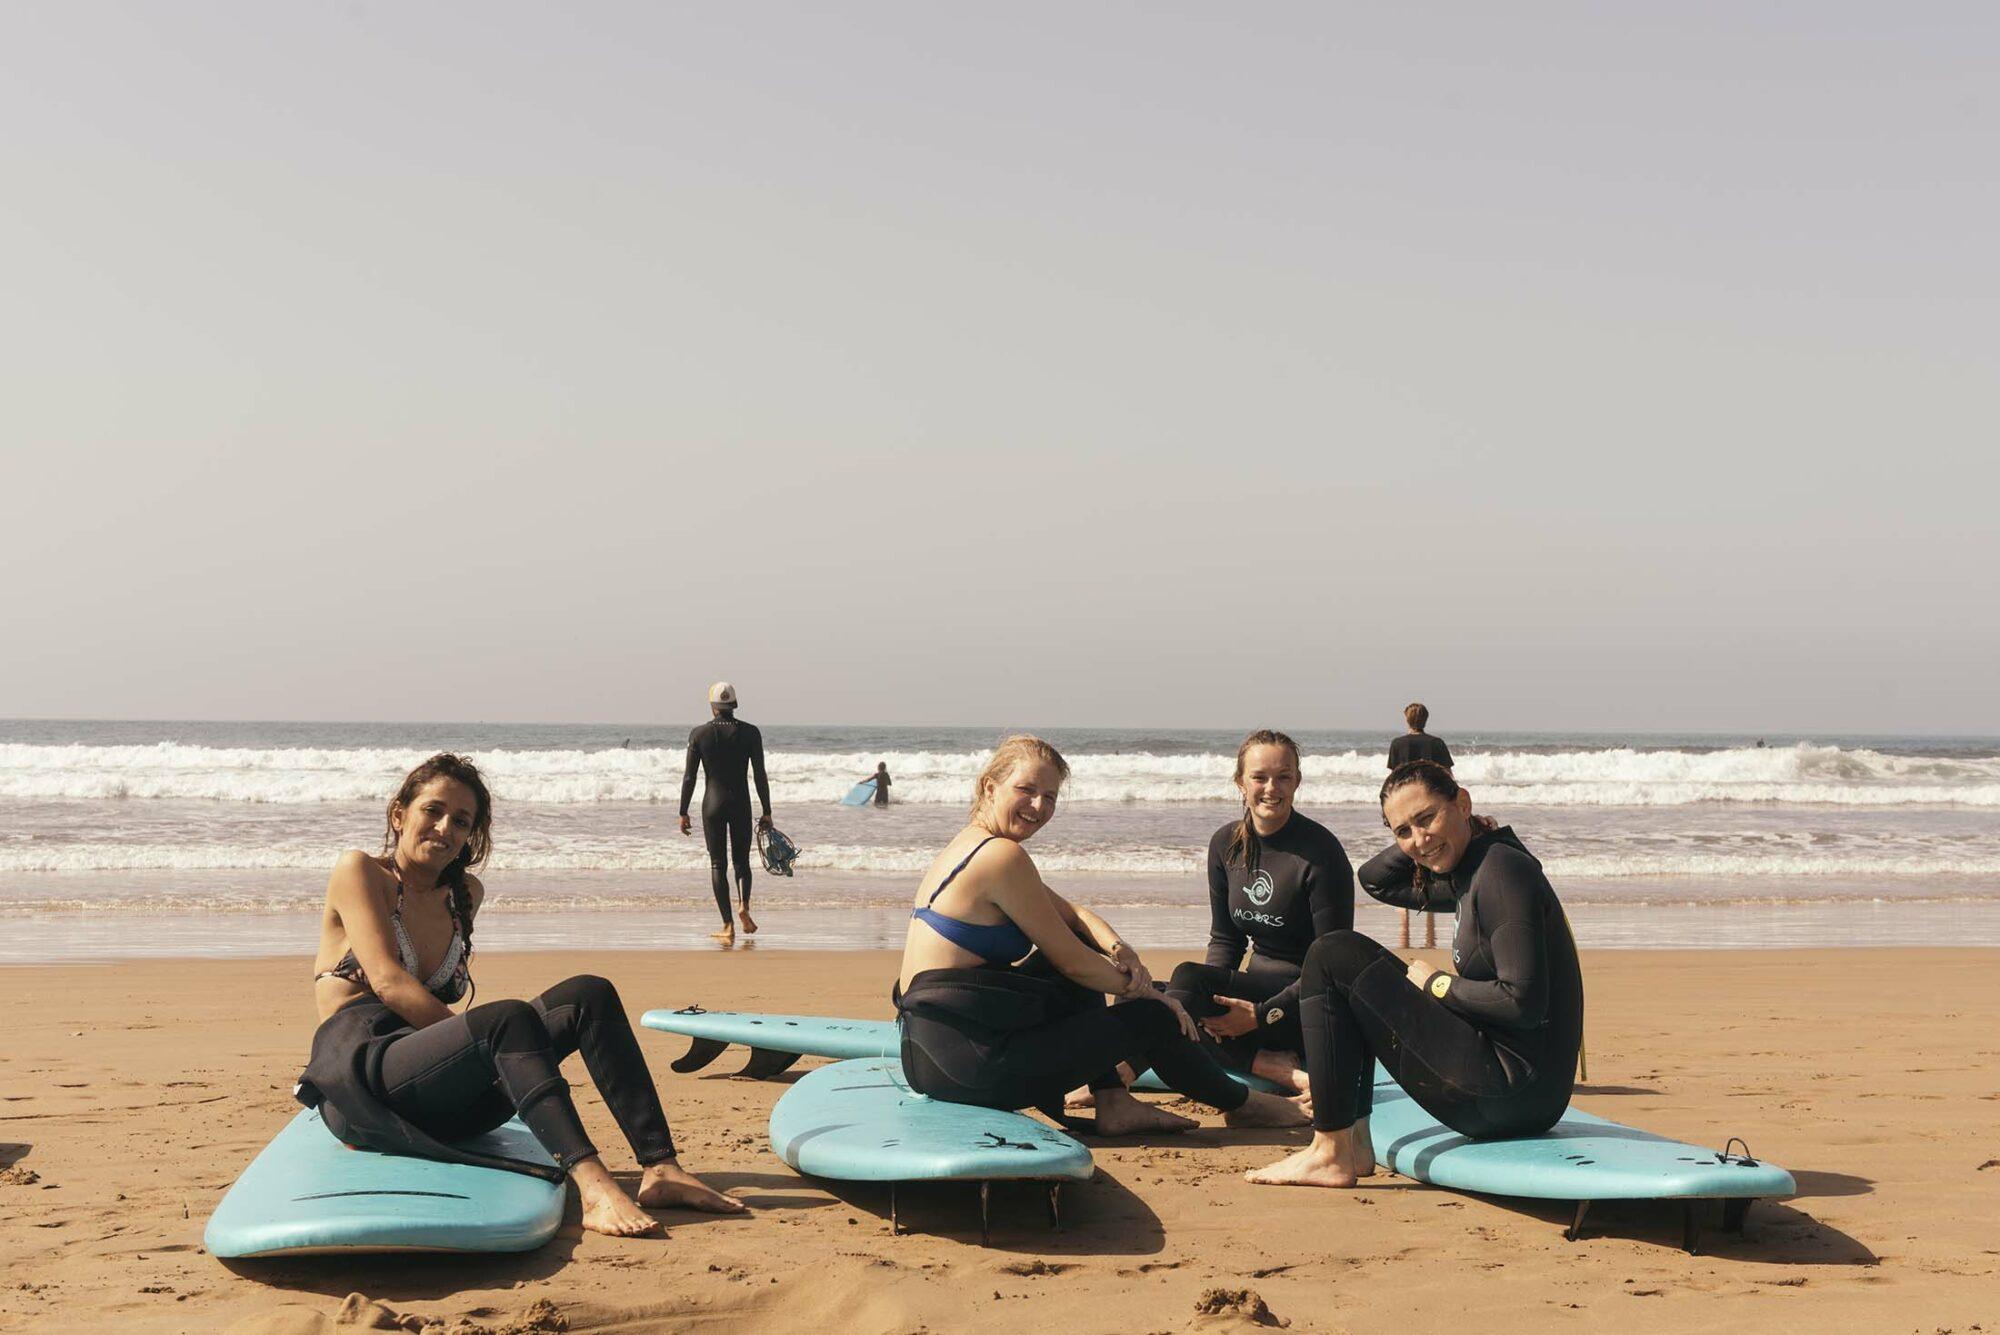 Fotoreis Marokko – Surfen bij Taghazout